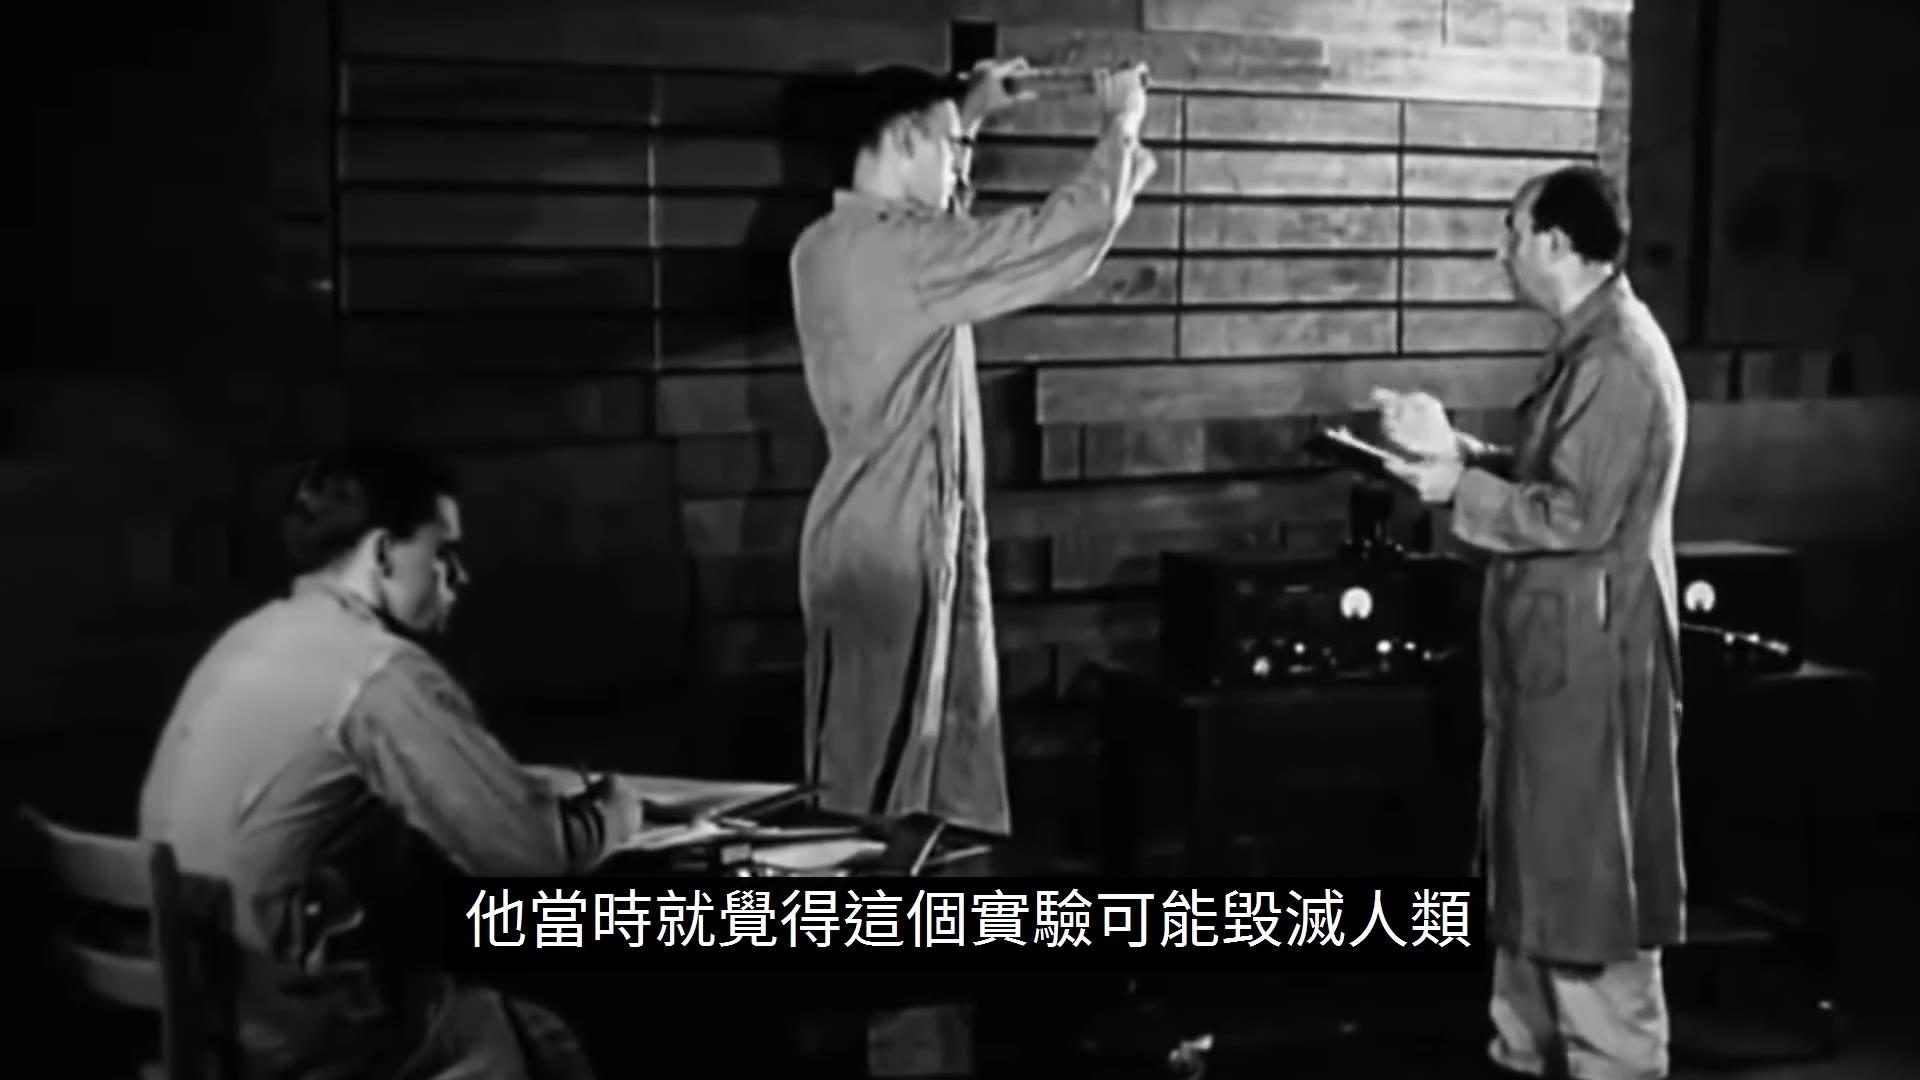 七個可能毀滅這個世界的科學實驗,其中三個還在進行中 _ 老高與小茉 Mr & Mrs Gao